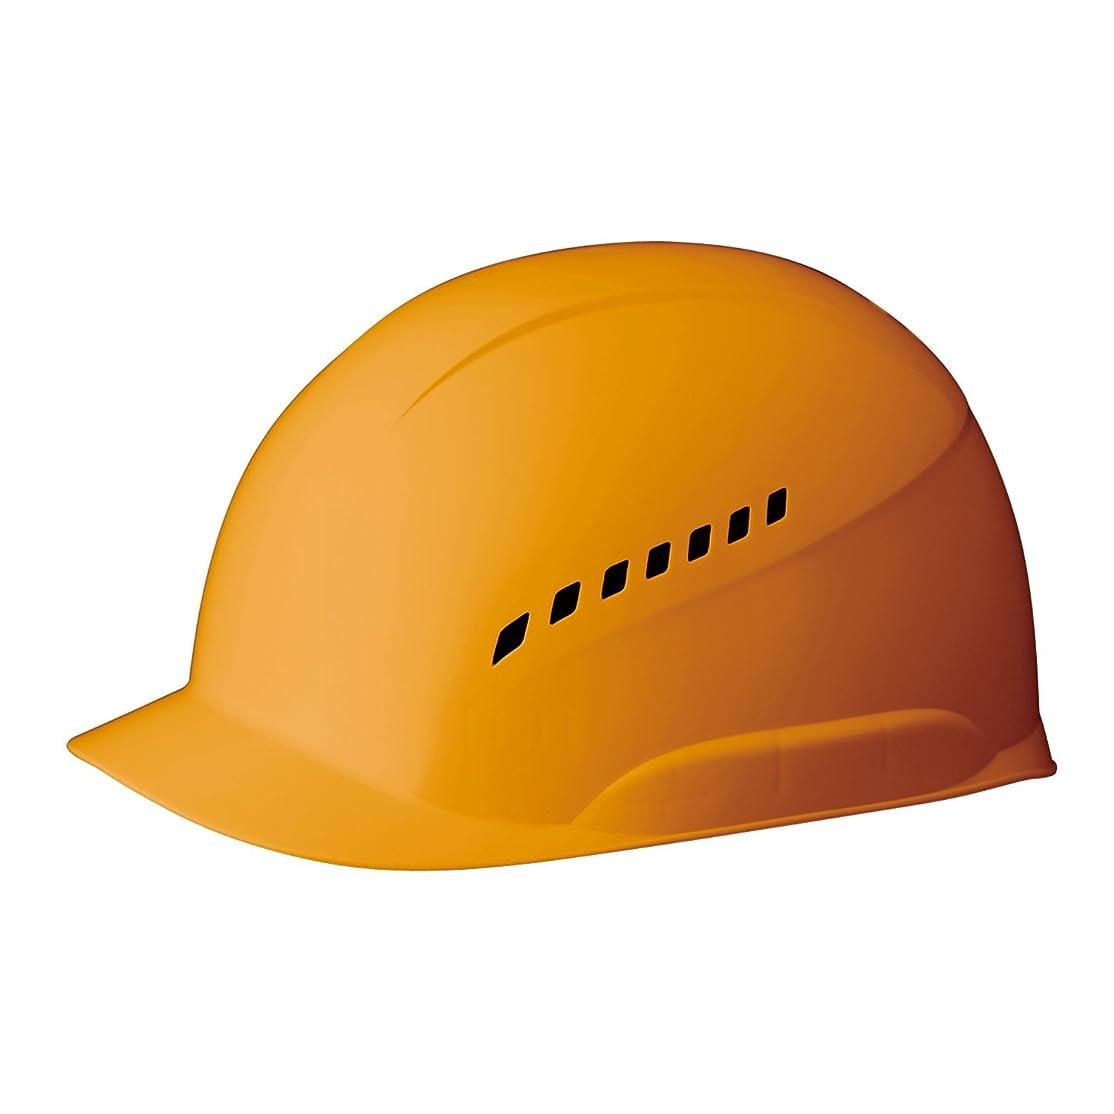 歯シルククローゼットミドリ安全 軽作業帽 SCL-300VA オレンジ